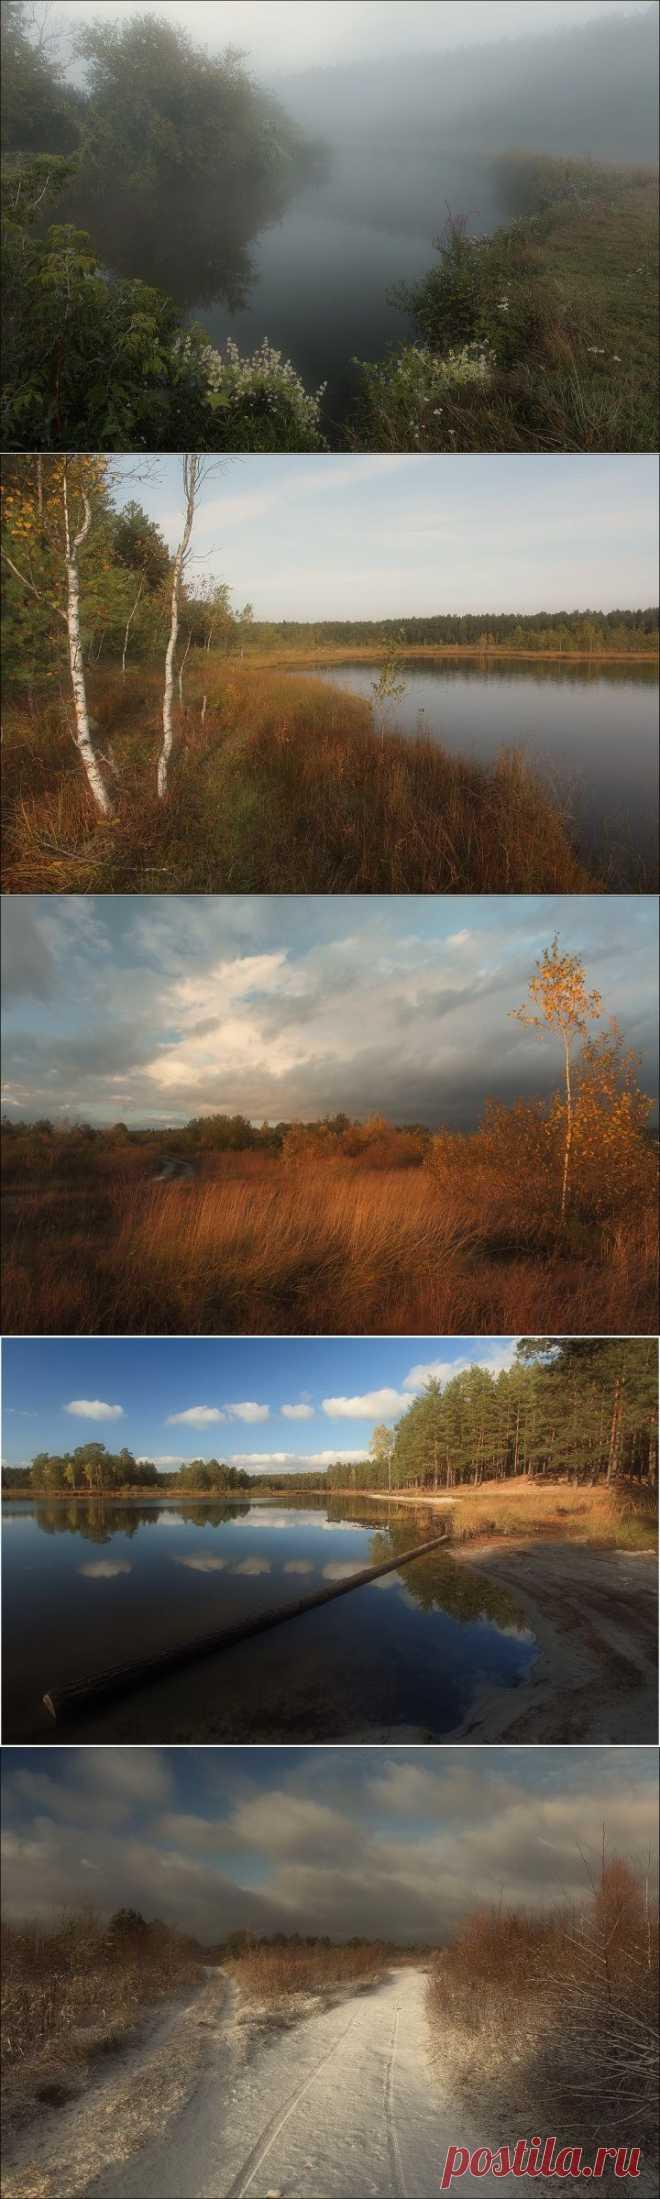 Пейзажи | Фотоискусство